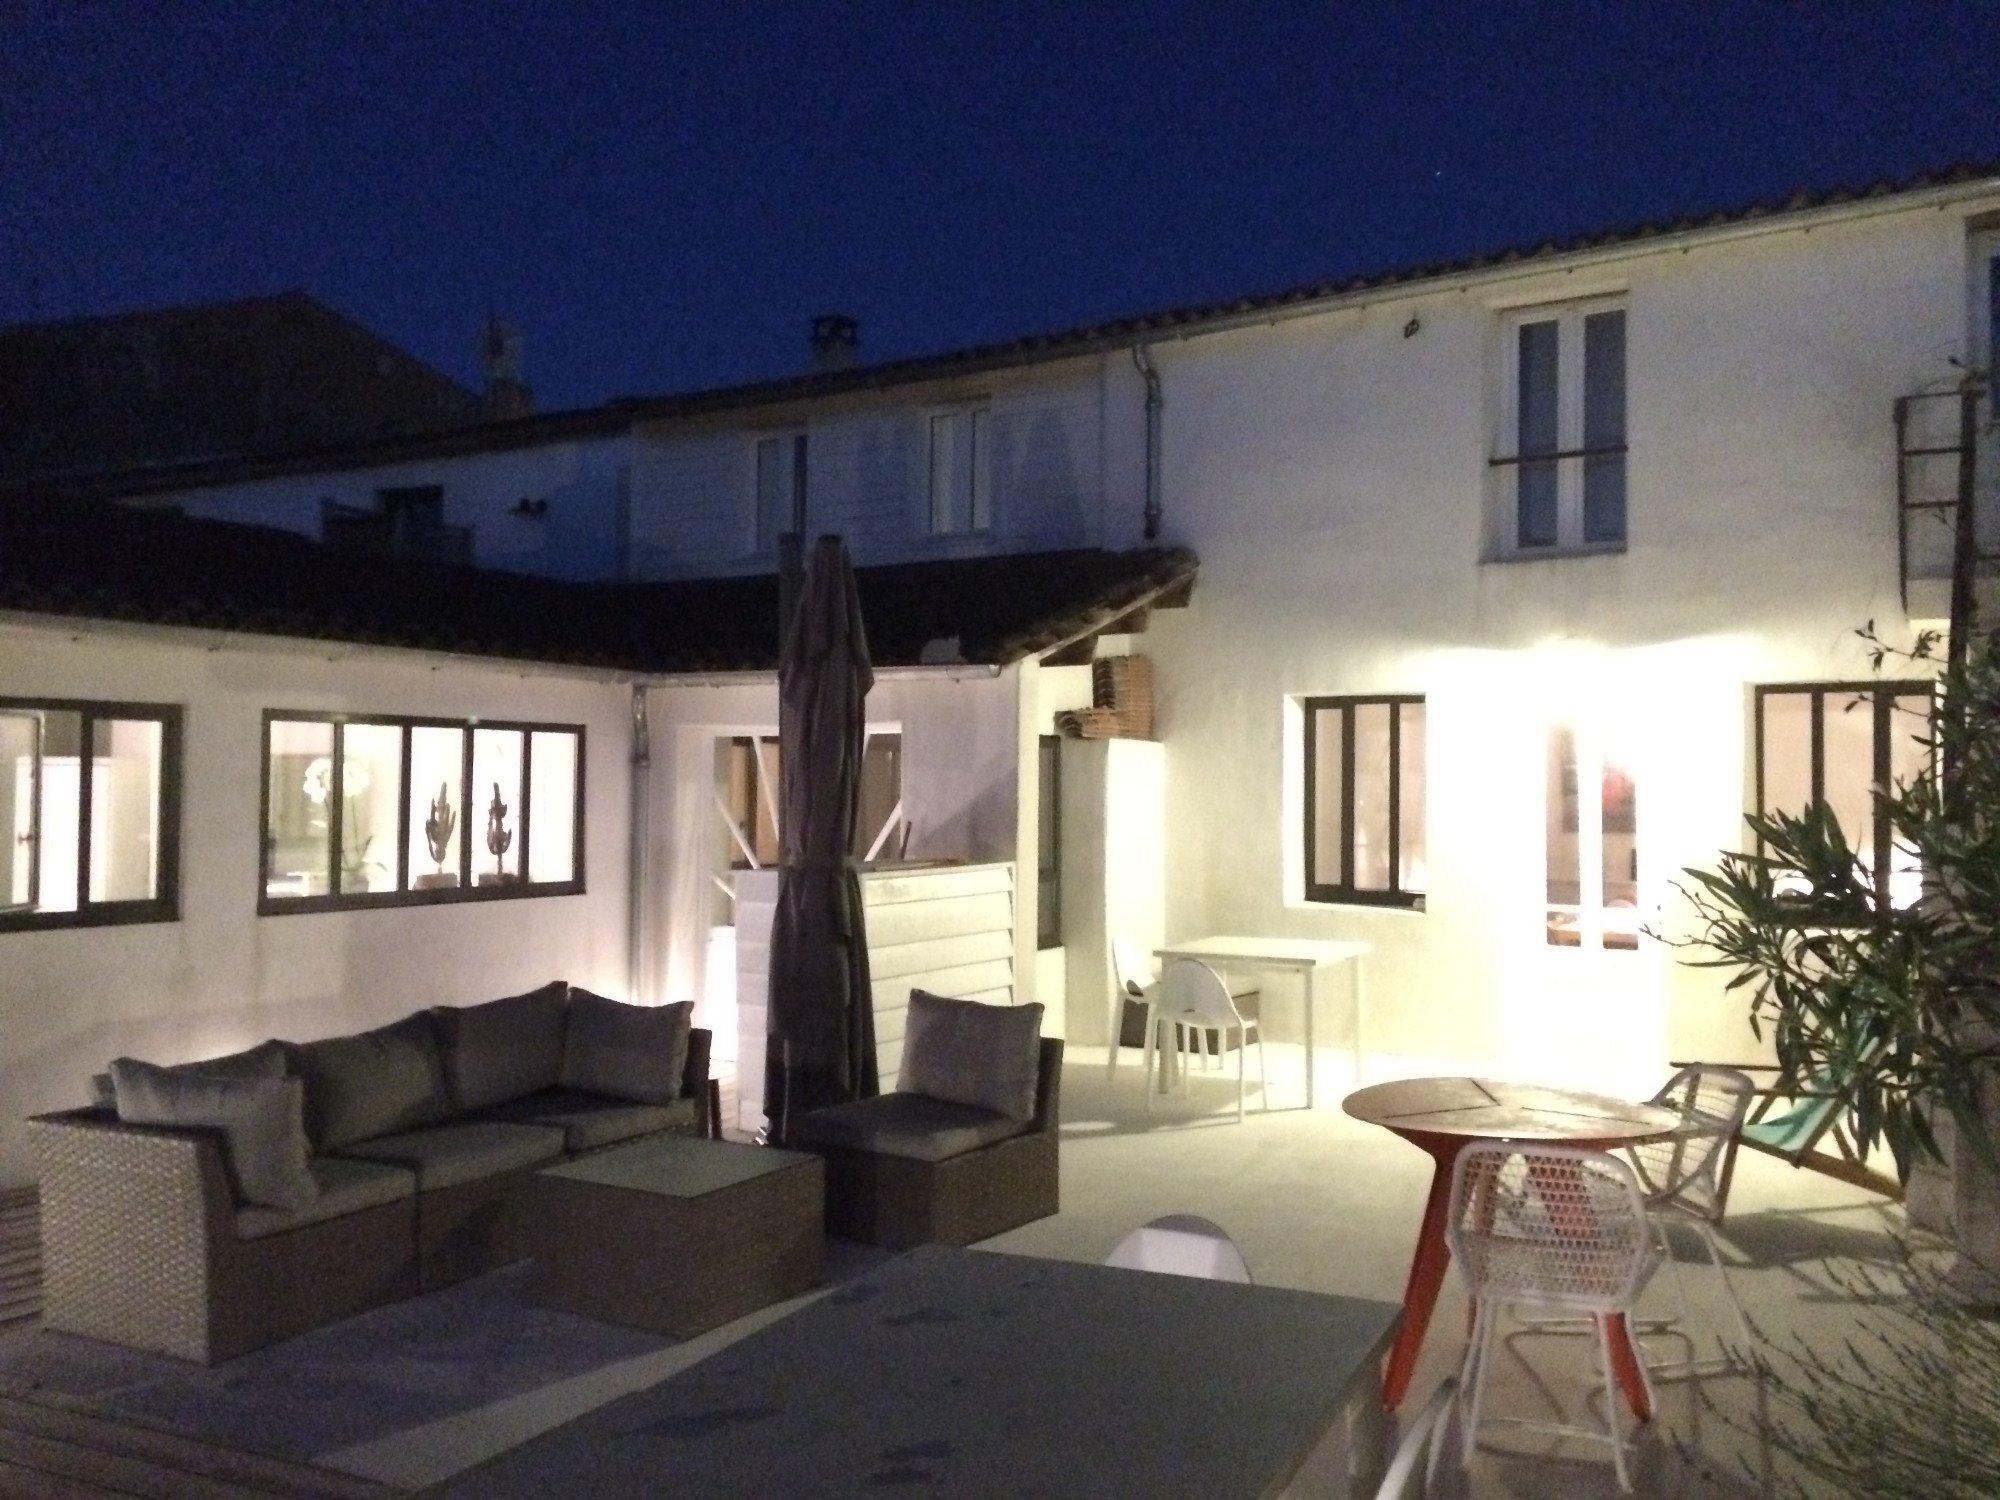 Face au Soleil UPDATED 2017 Guesthouse Reviews (Ile de Re Le Bois Plage en Re) TripAdvisor # Hotel Le Bois Plage En Ré